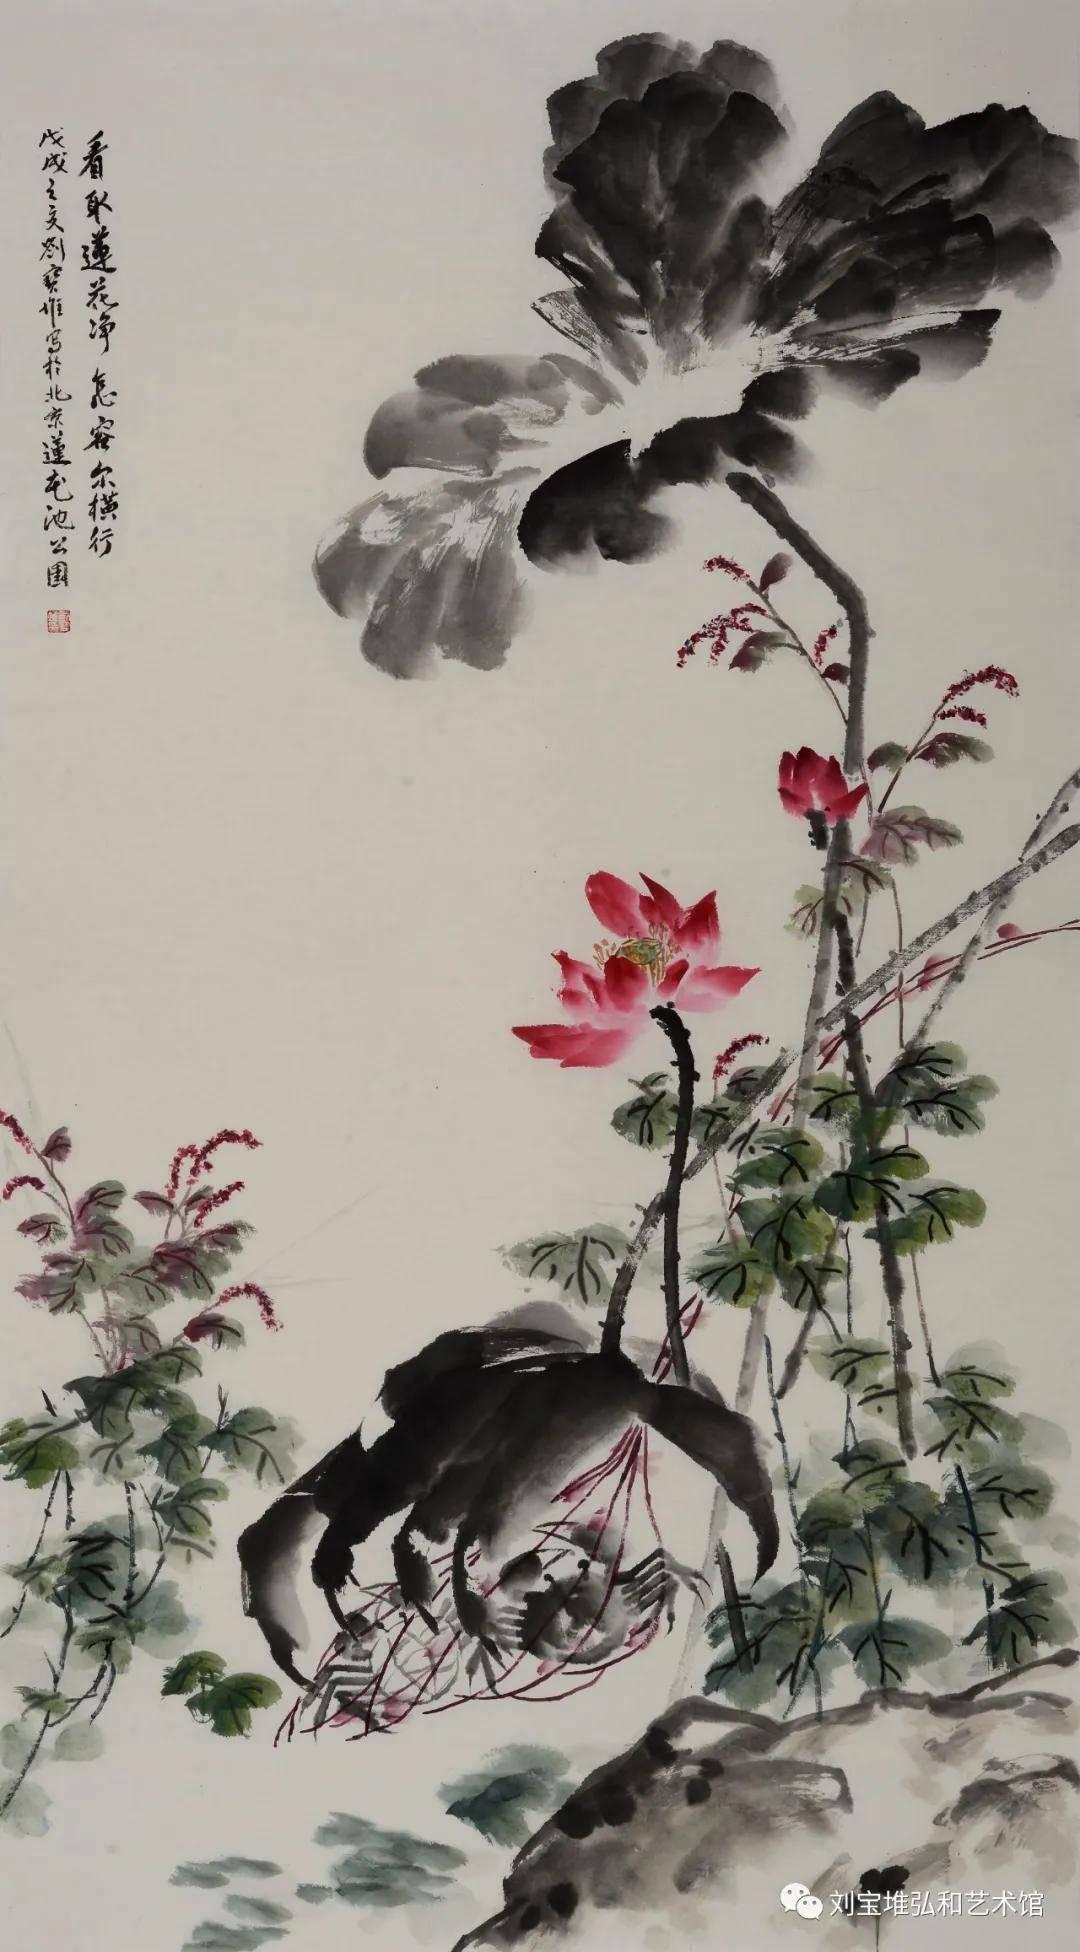 2020警界艺术家刘宝堆——为弘和而攀登画荷高峰的人